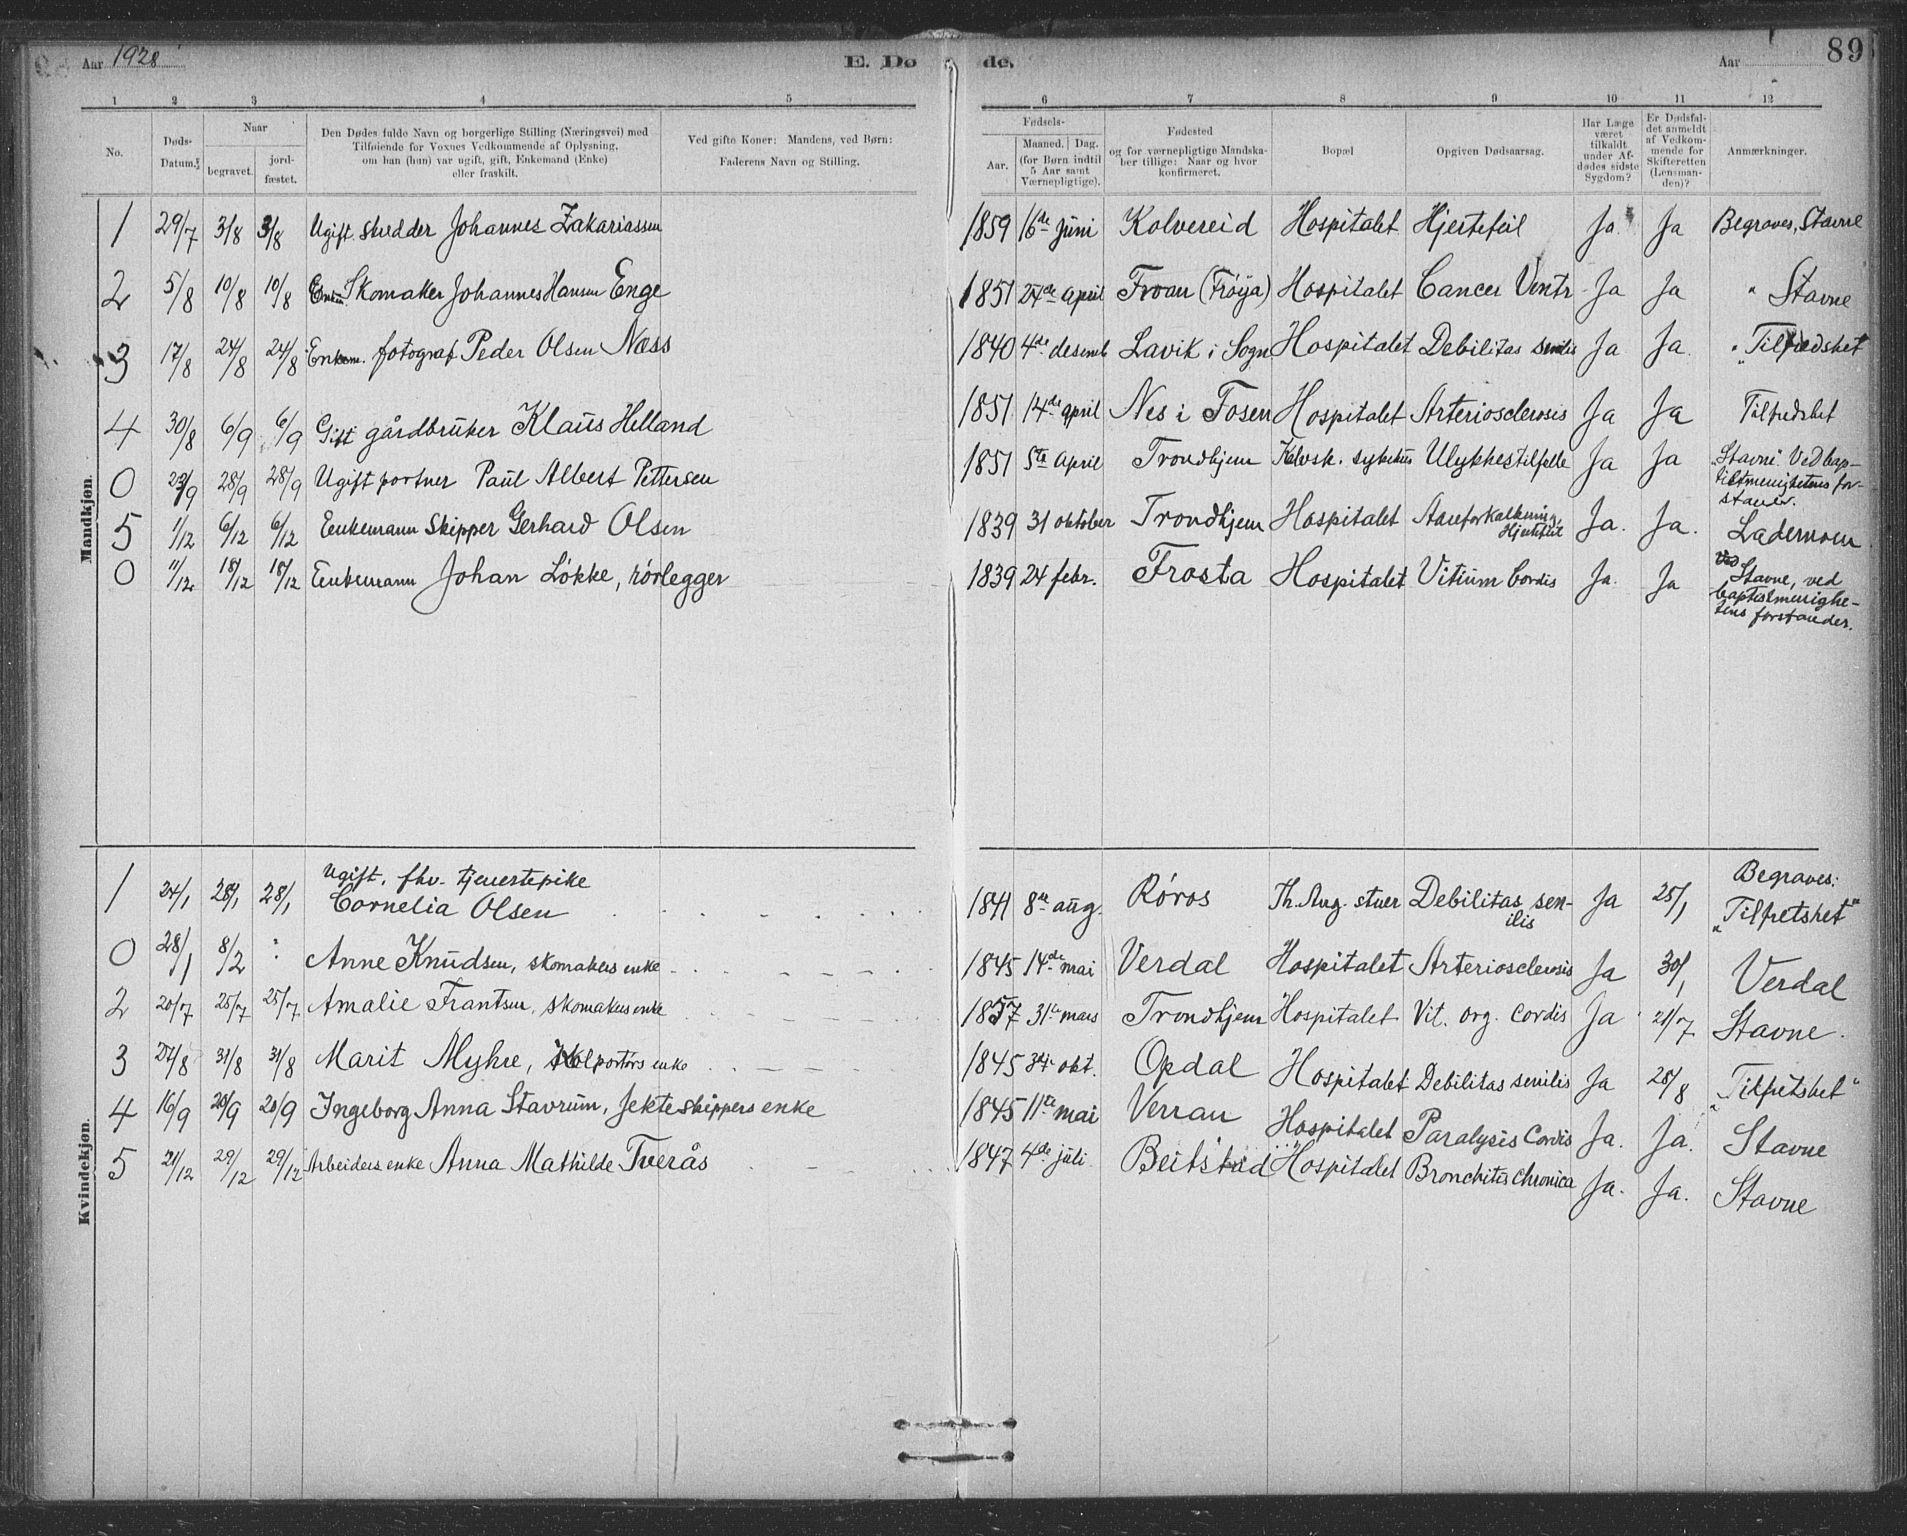 SAT, Ministerialprotokoller, klokkerbøker og fødselsregistre - Sør-Trøndelag, 623/L0470: Ministerialbok nr. 623A04, 1884-1938, s. 89